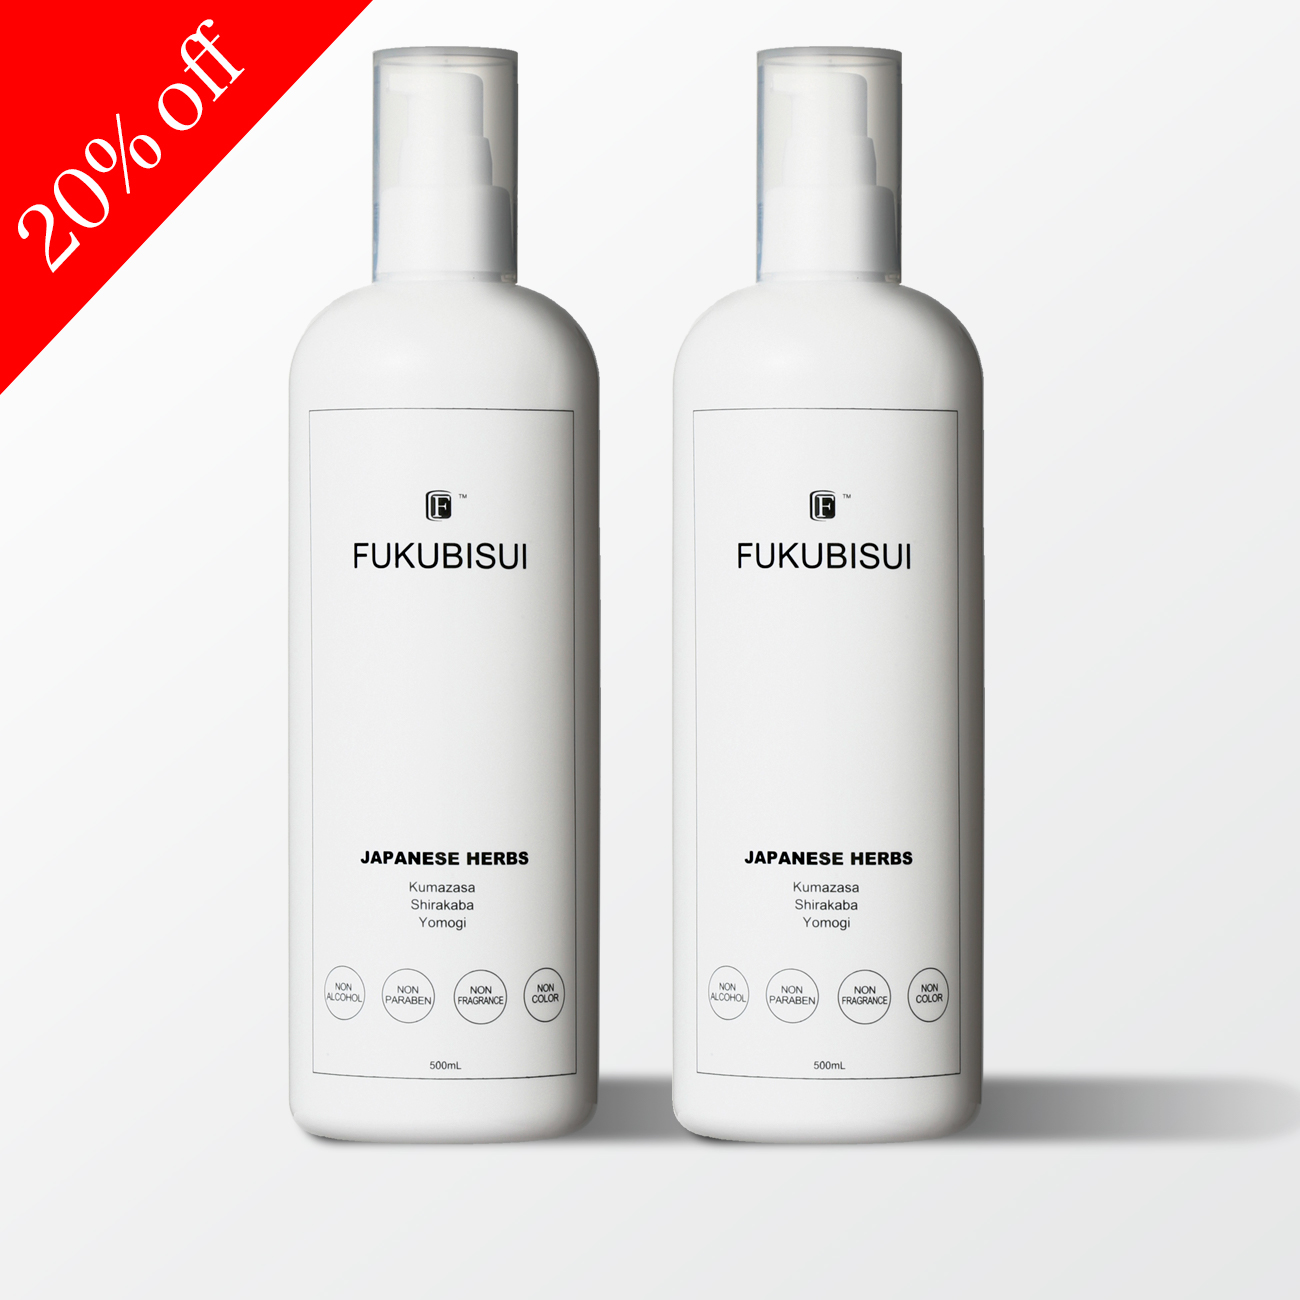 【定期購入】福美水(ポンプ付) 2本セット